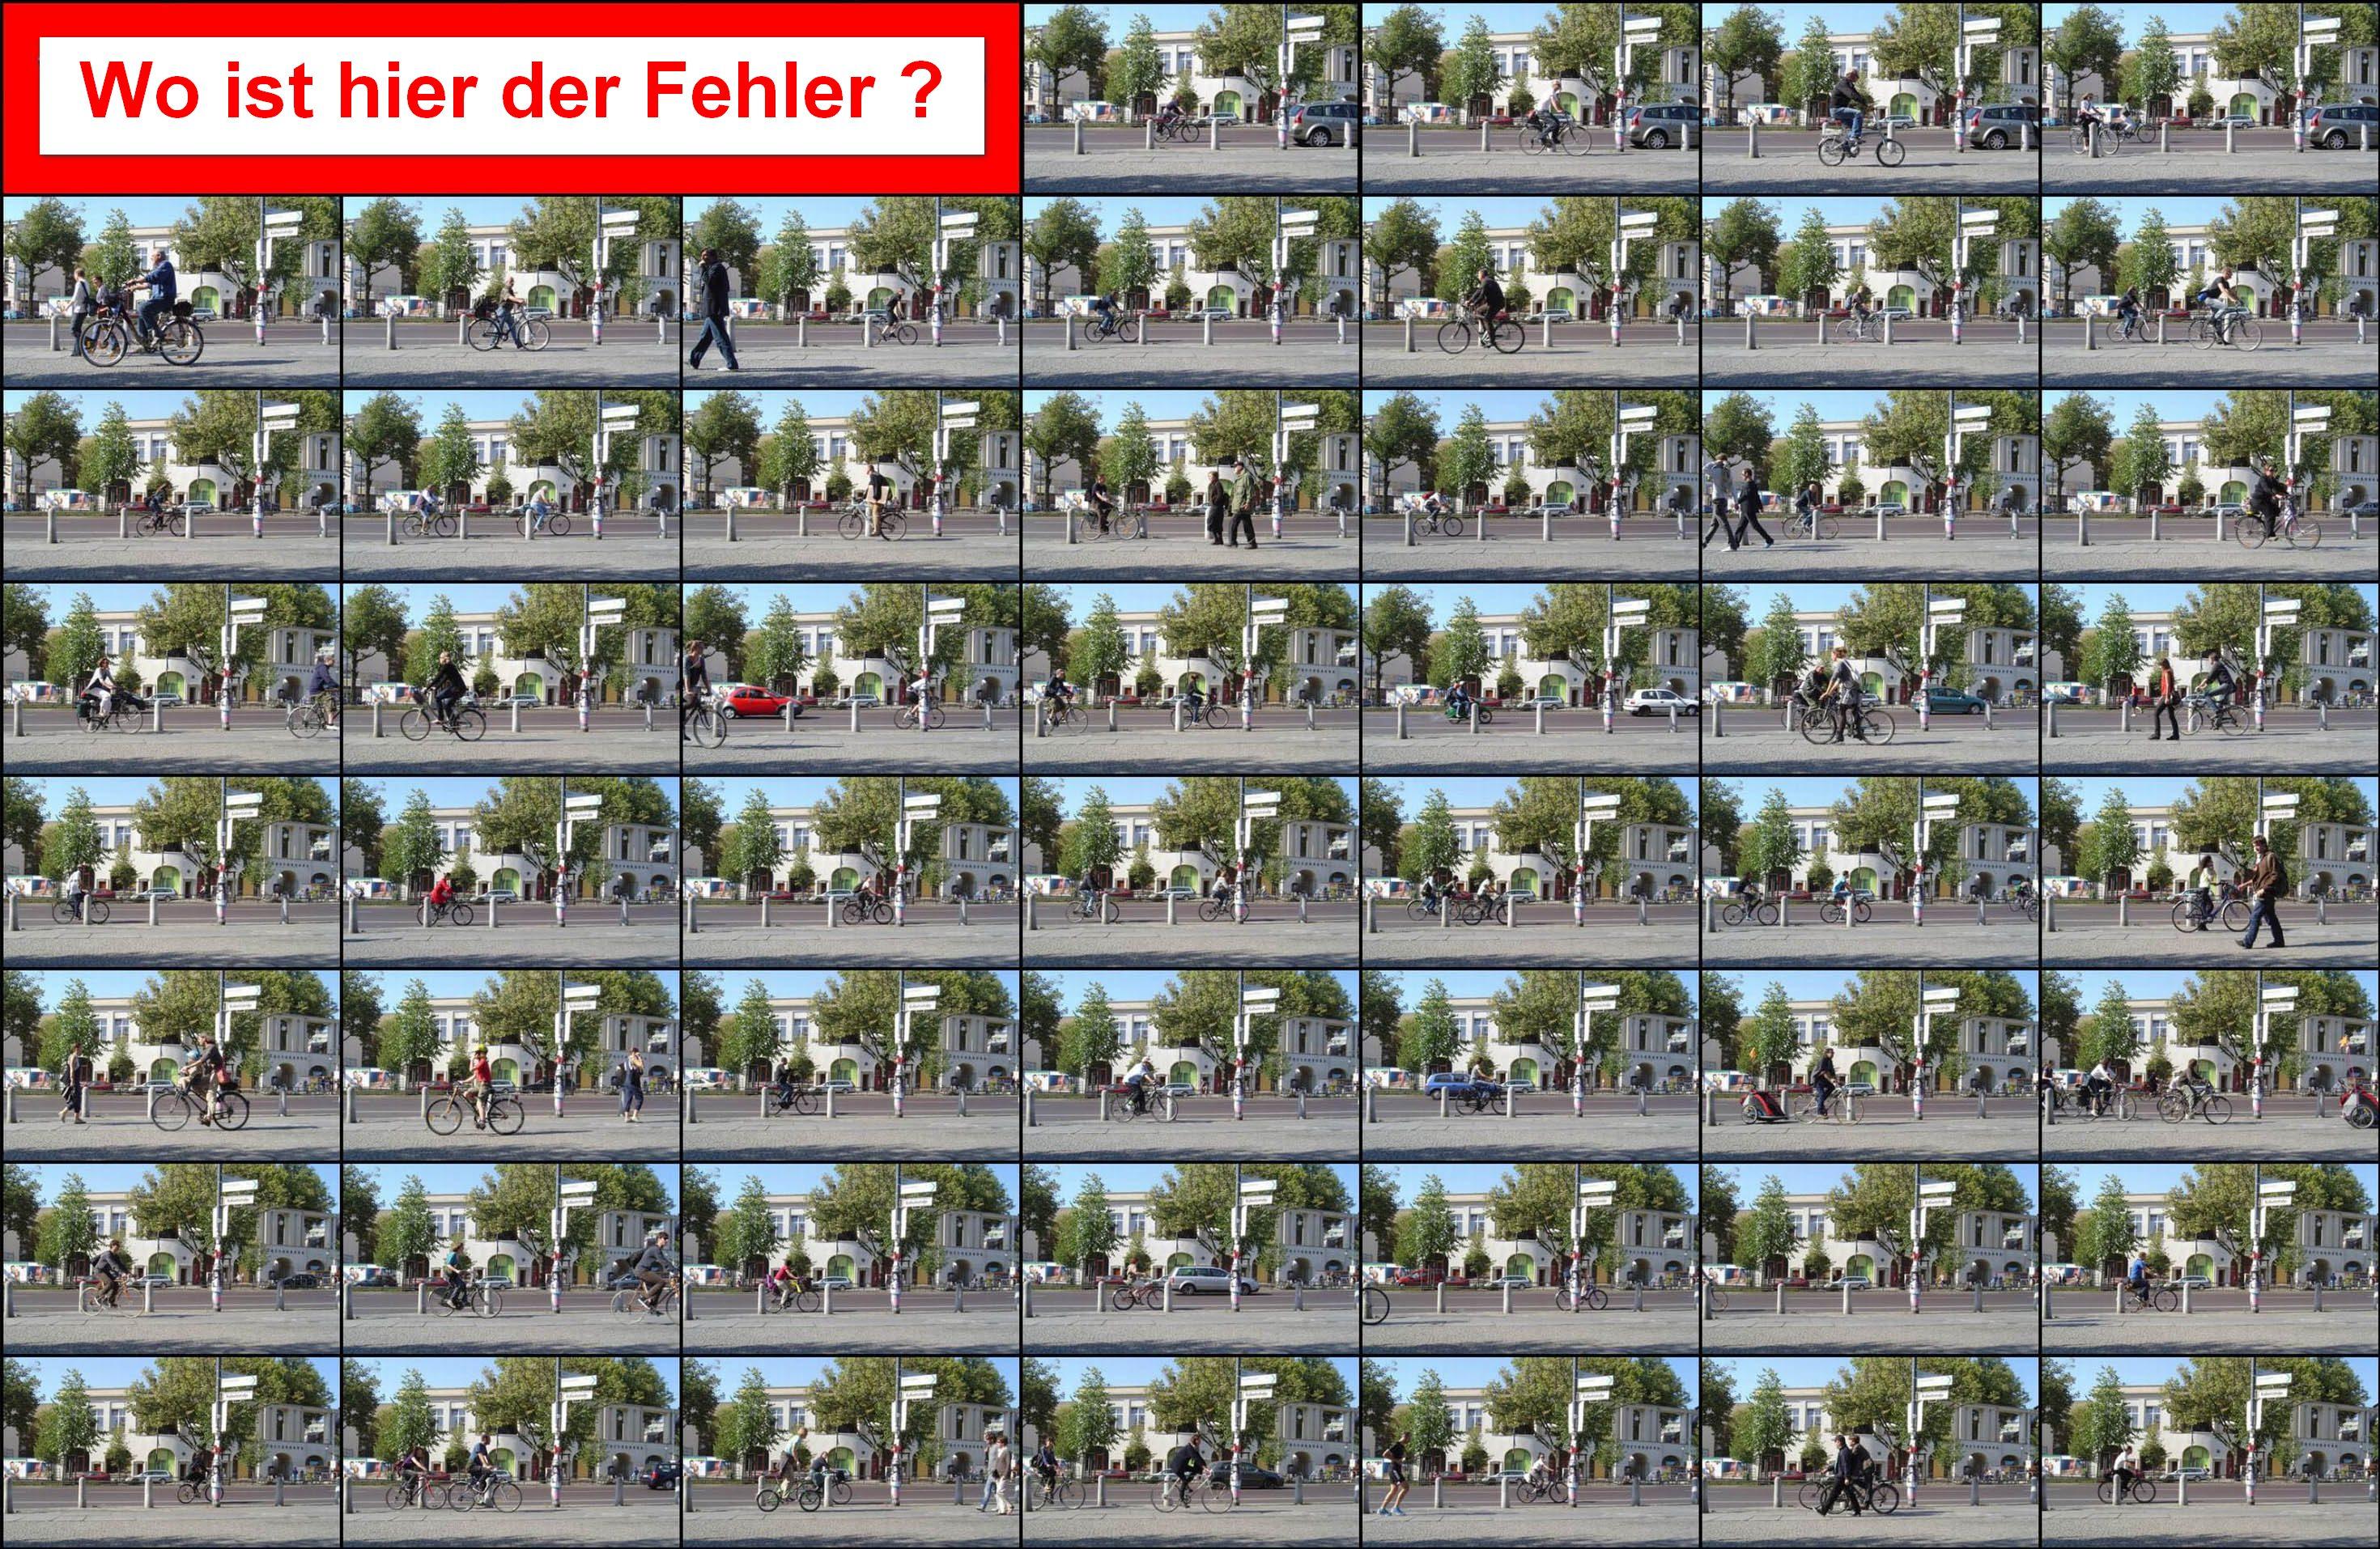 04-FastStone-Image-Viewer-Bilderfolgen-kombiniert-470.jpg